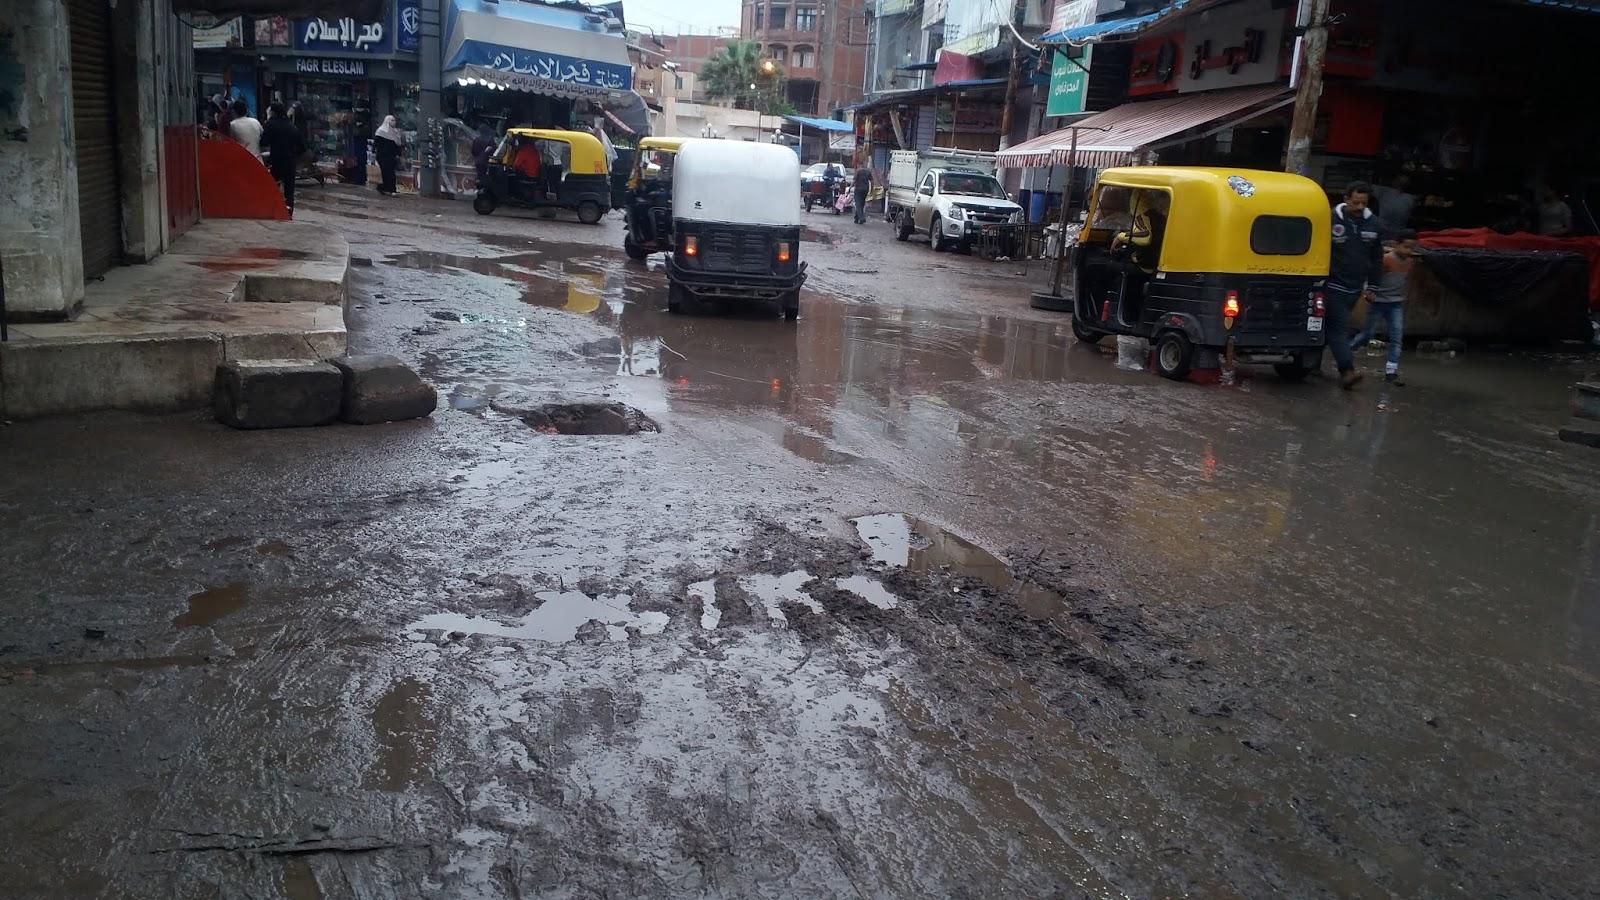 بالصور ..شاهد ماذا فعل الطقس في شوارع كوم حمادة ؟